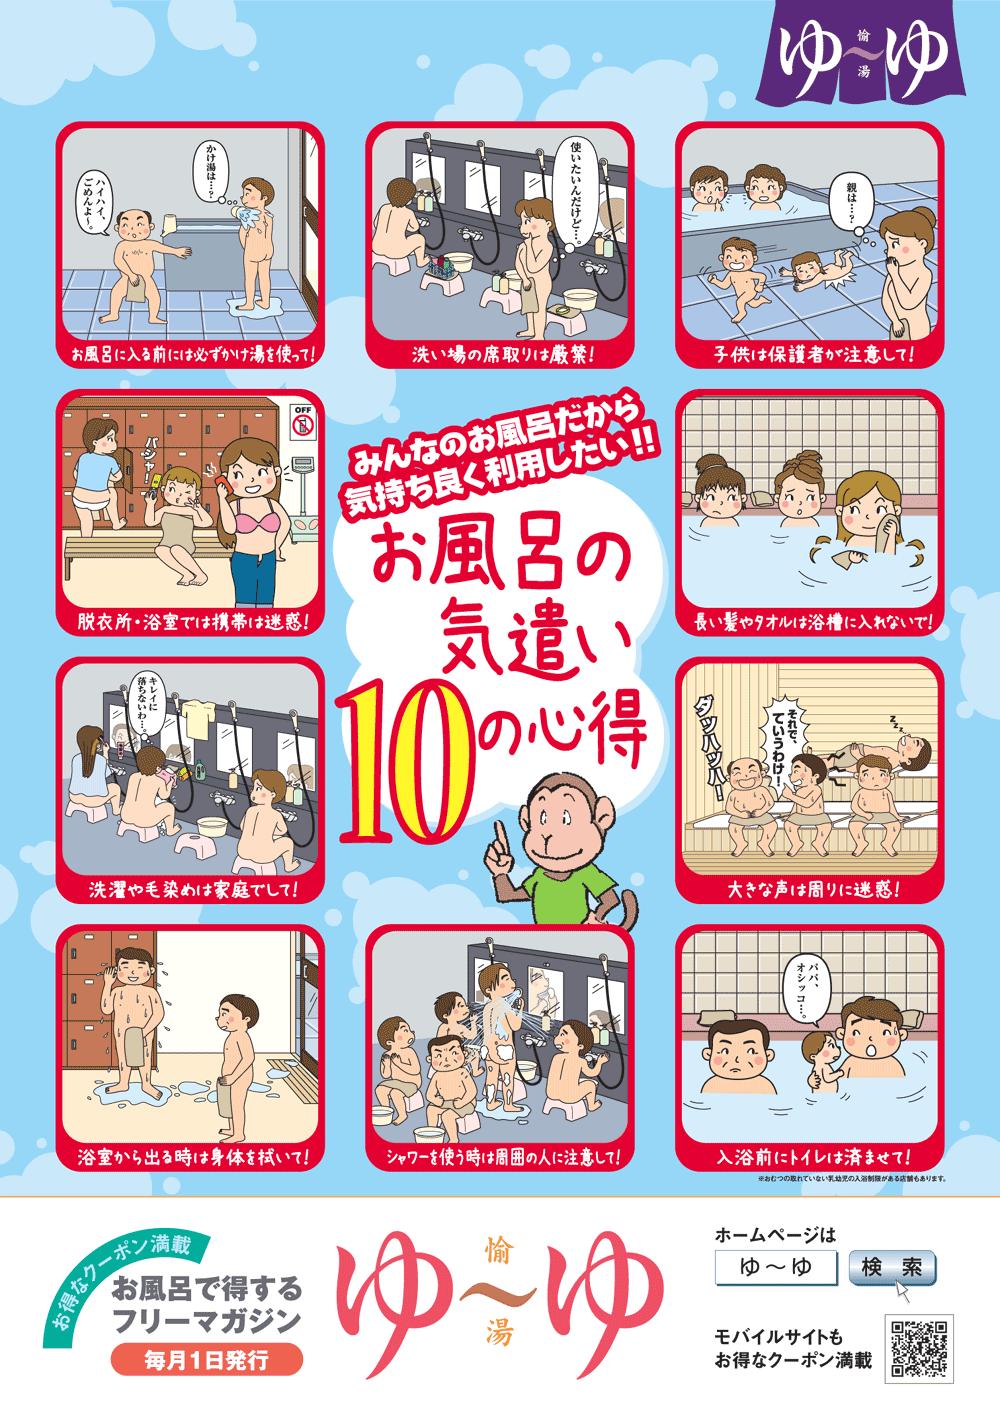 お風呂のマナーポスター